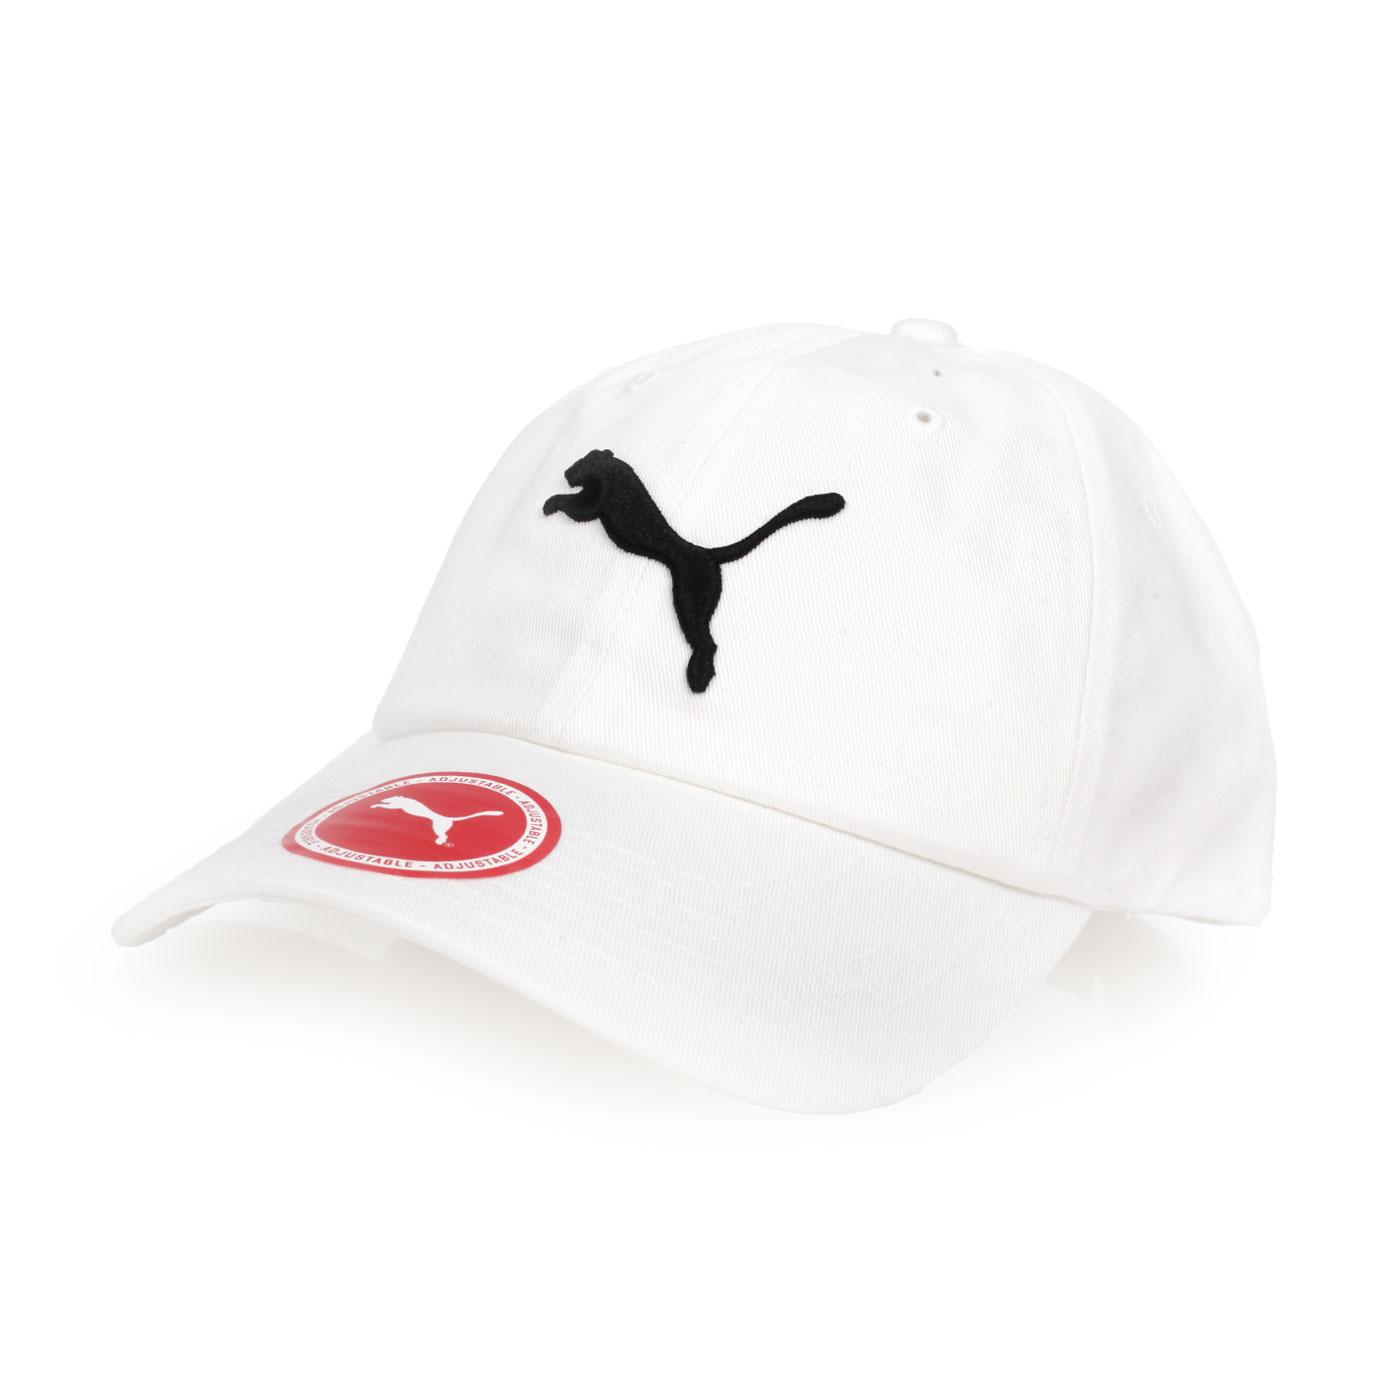 PUMA 基本系列棒球帽 05291902 - 白黑